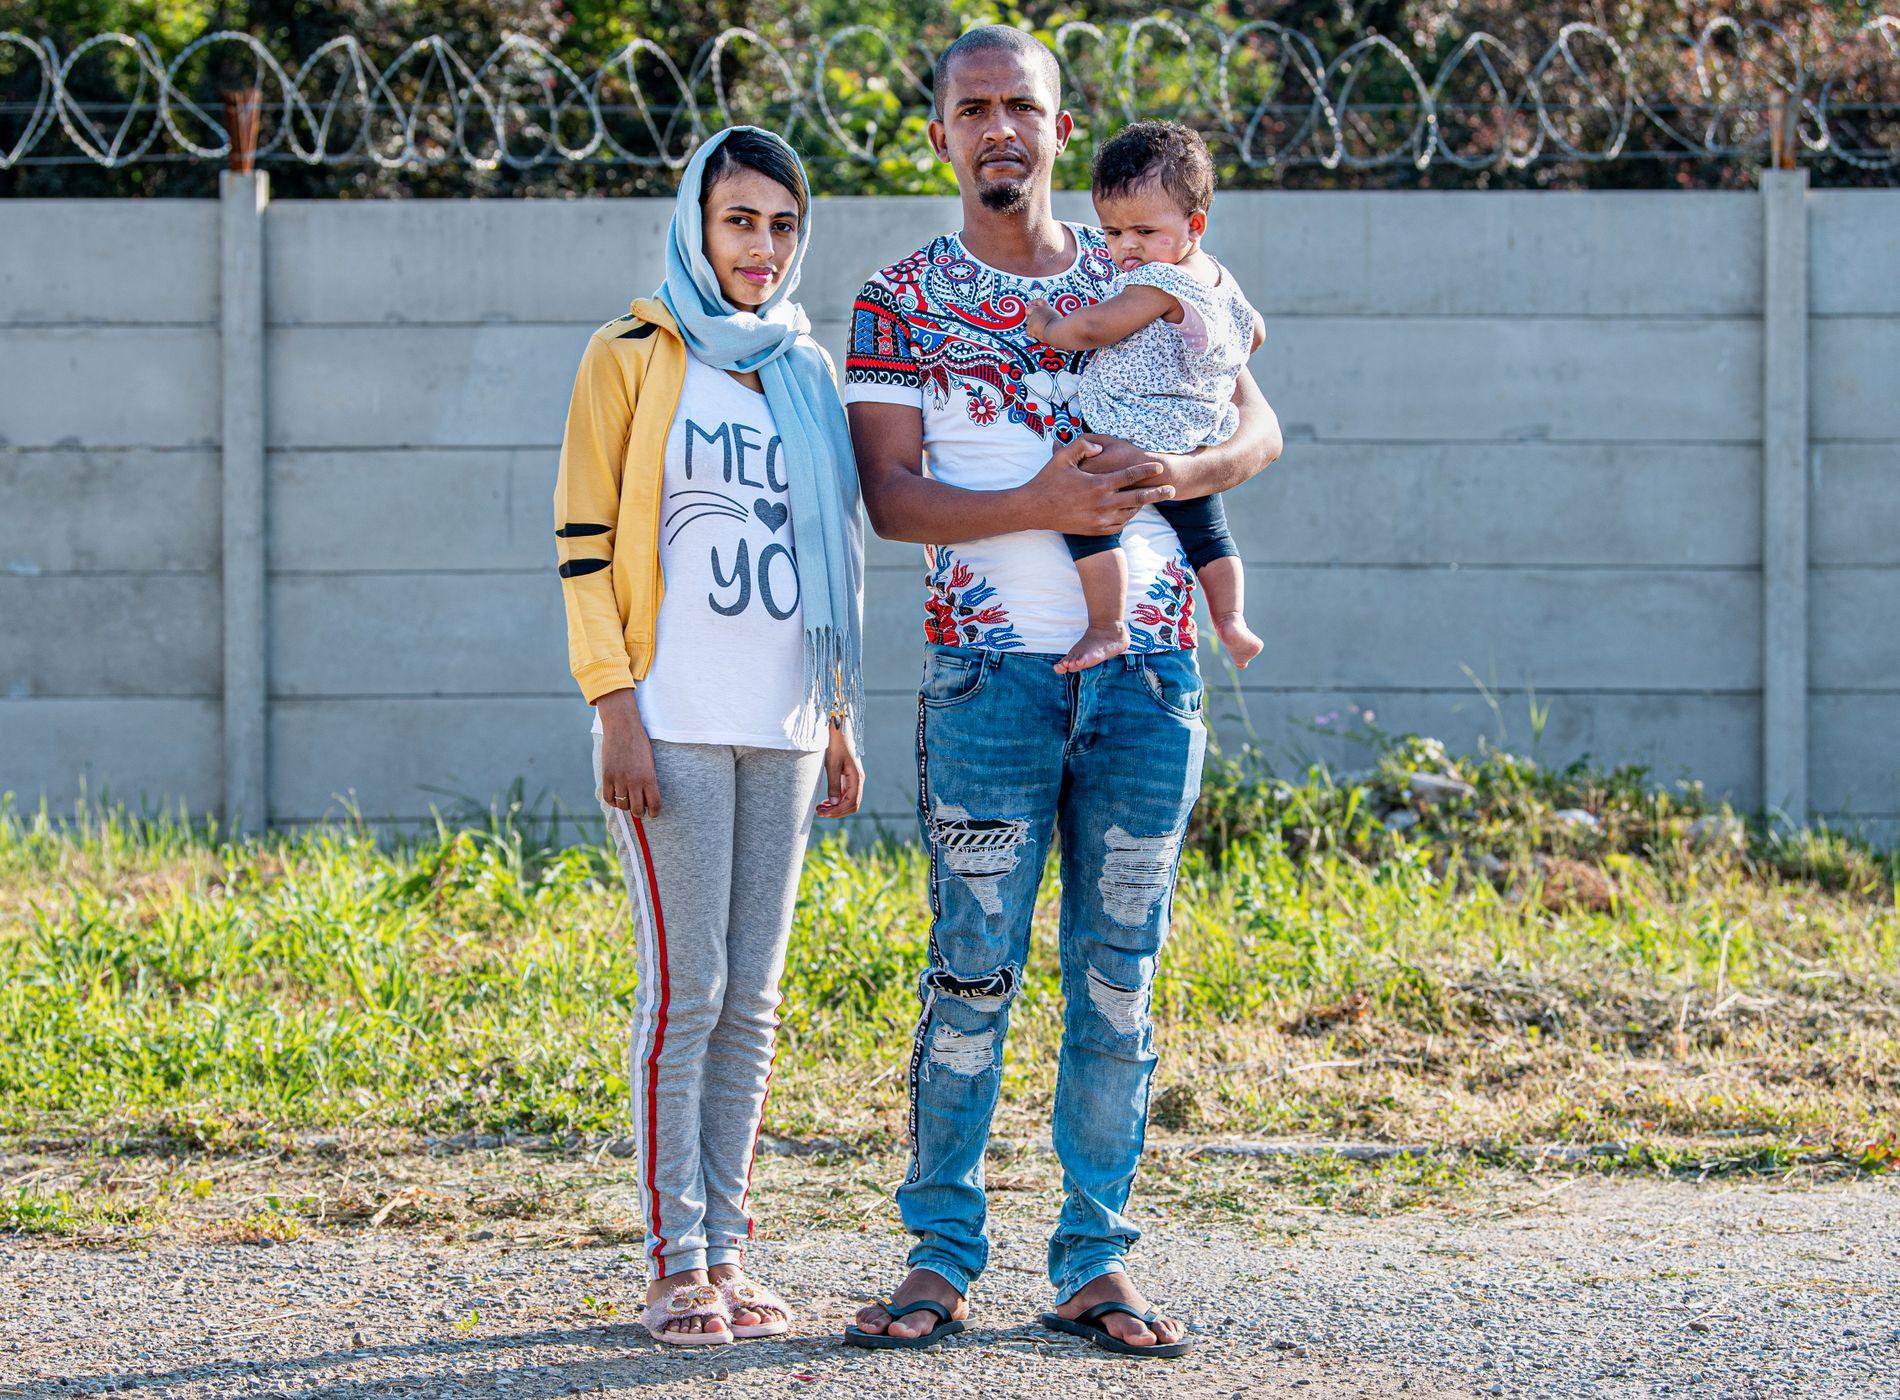 FRA ERITREA: Pappa Bashir Omar Mohamed flyktet fra Eritrea i 2008, og mamma Tenzil i 2015. De møttes som flyktninger i Sudan, og dro videre til Libya, der Talia (9 md.) ble født.